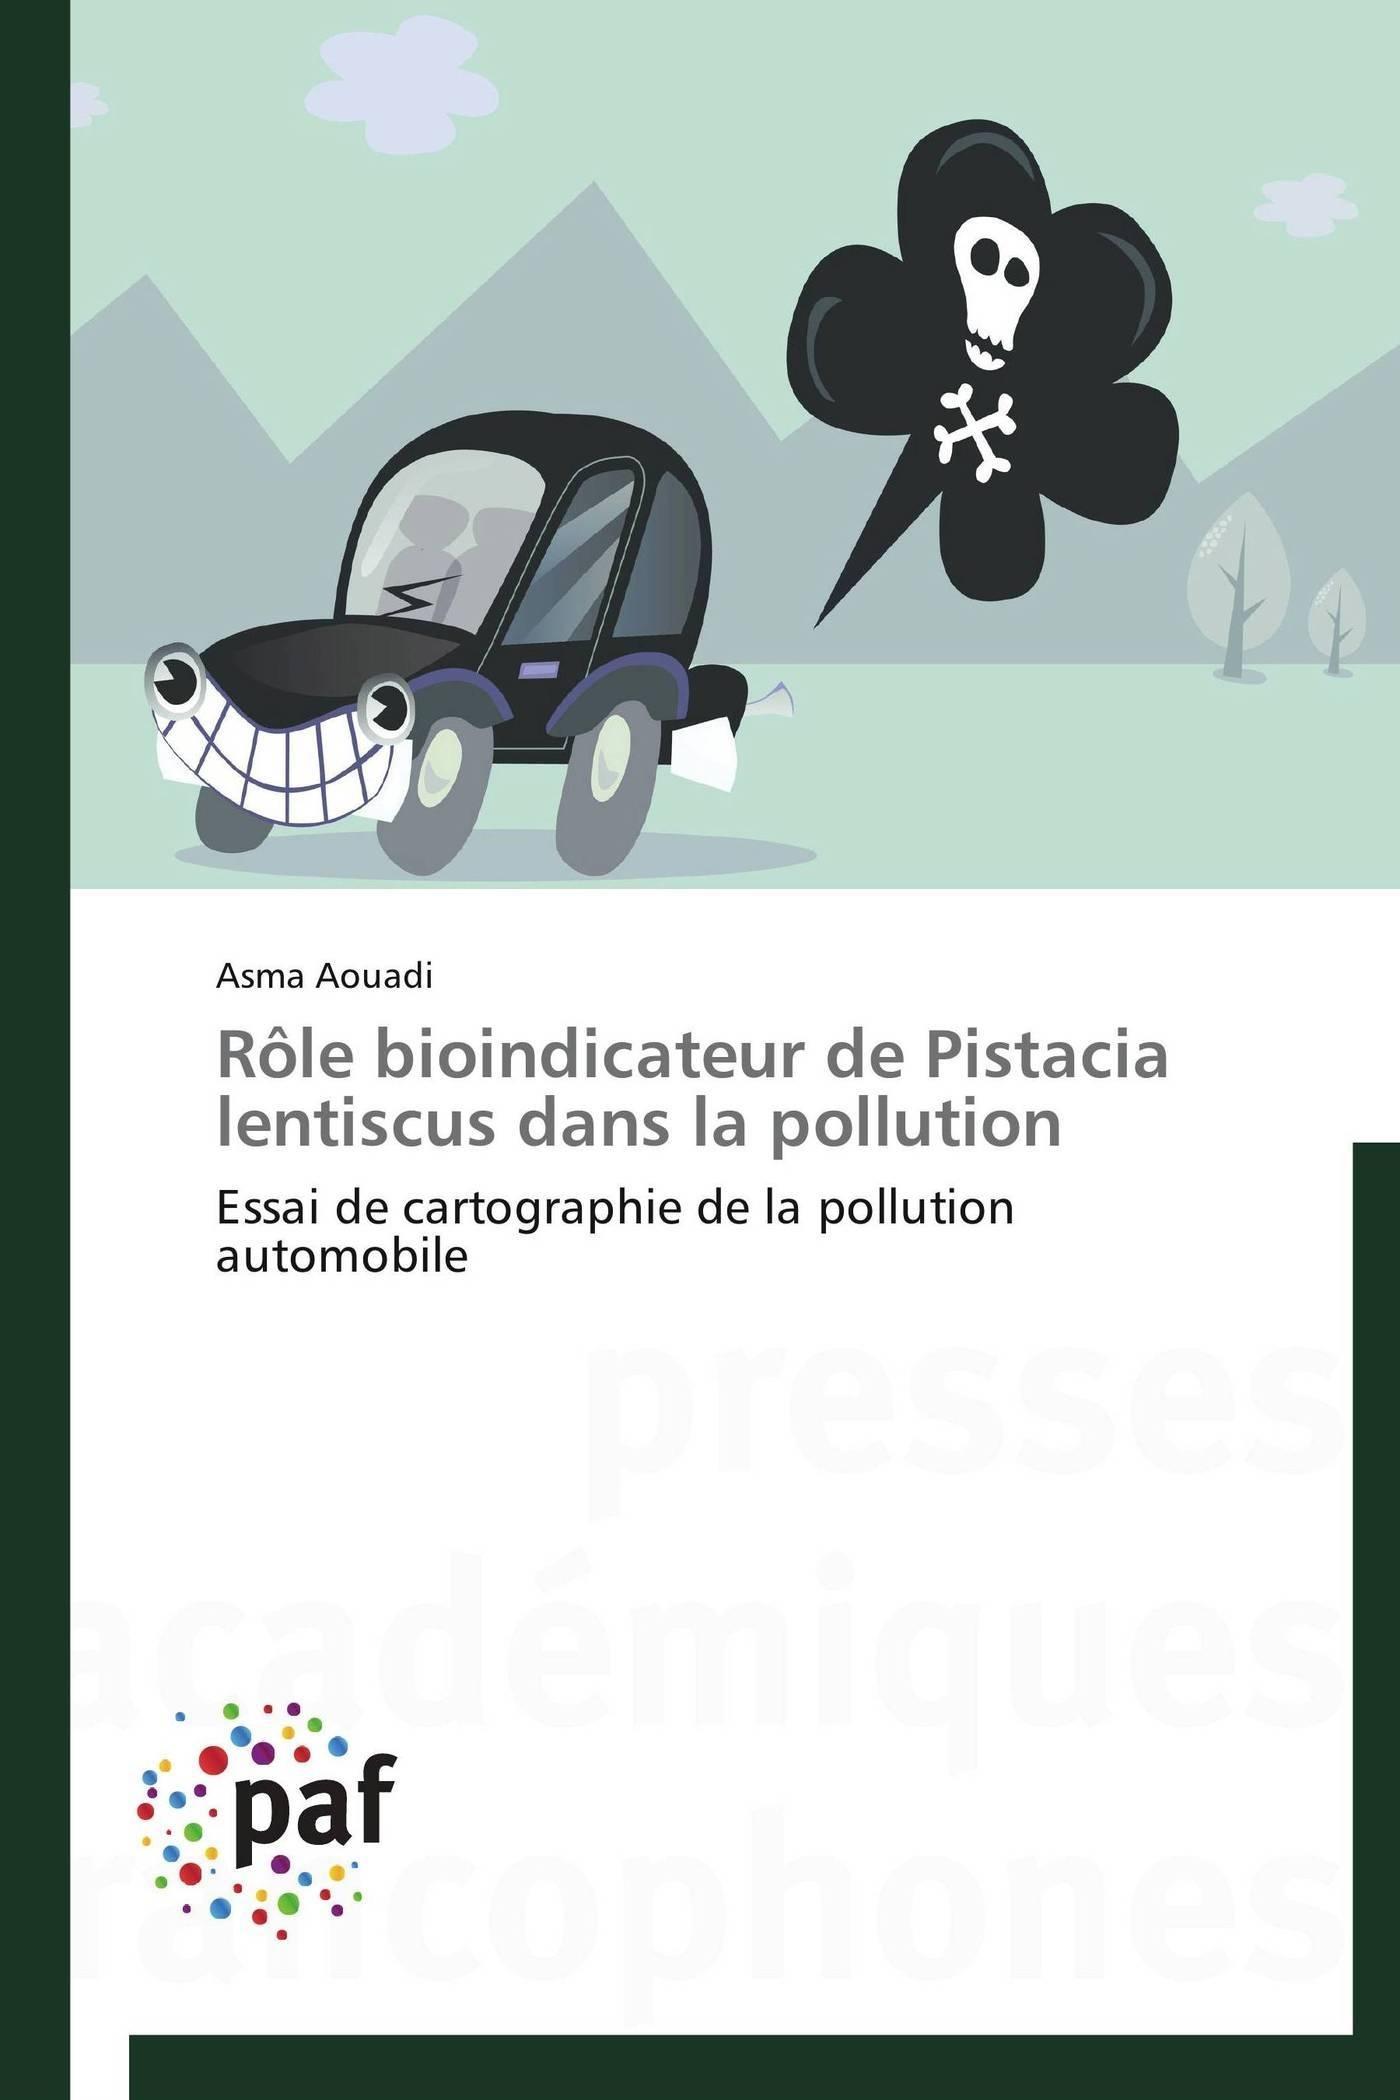 ROLE BIOINDICATEUR DE PISTACIA LENTISCUS DANS LA POLLUTION